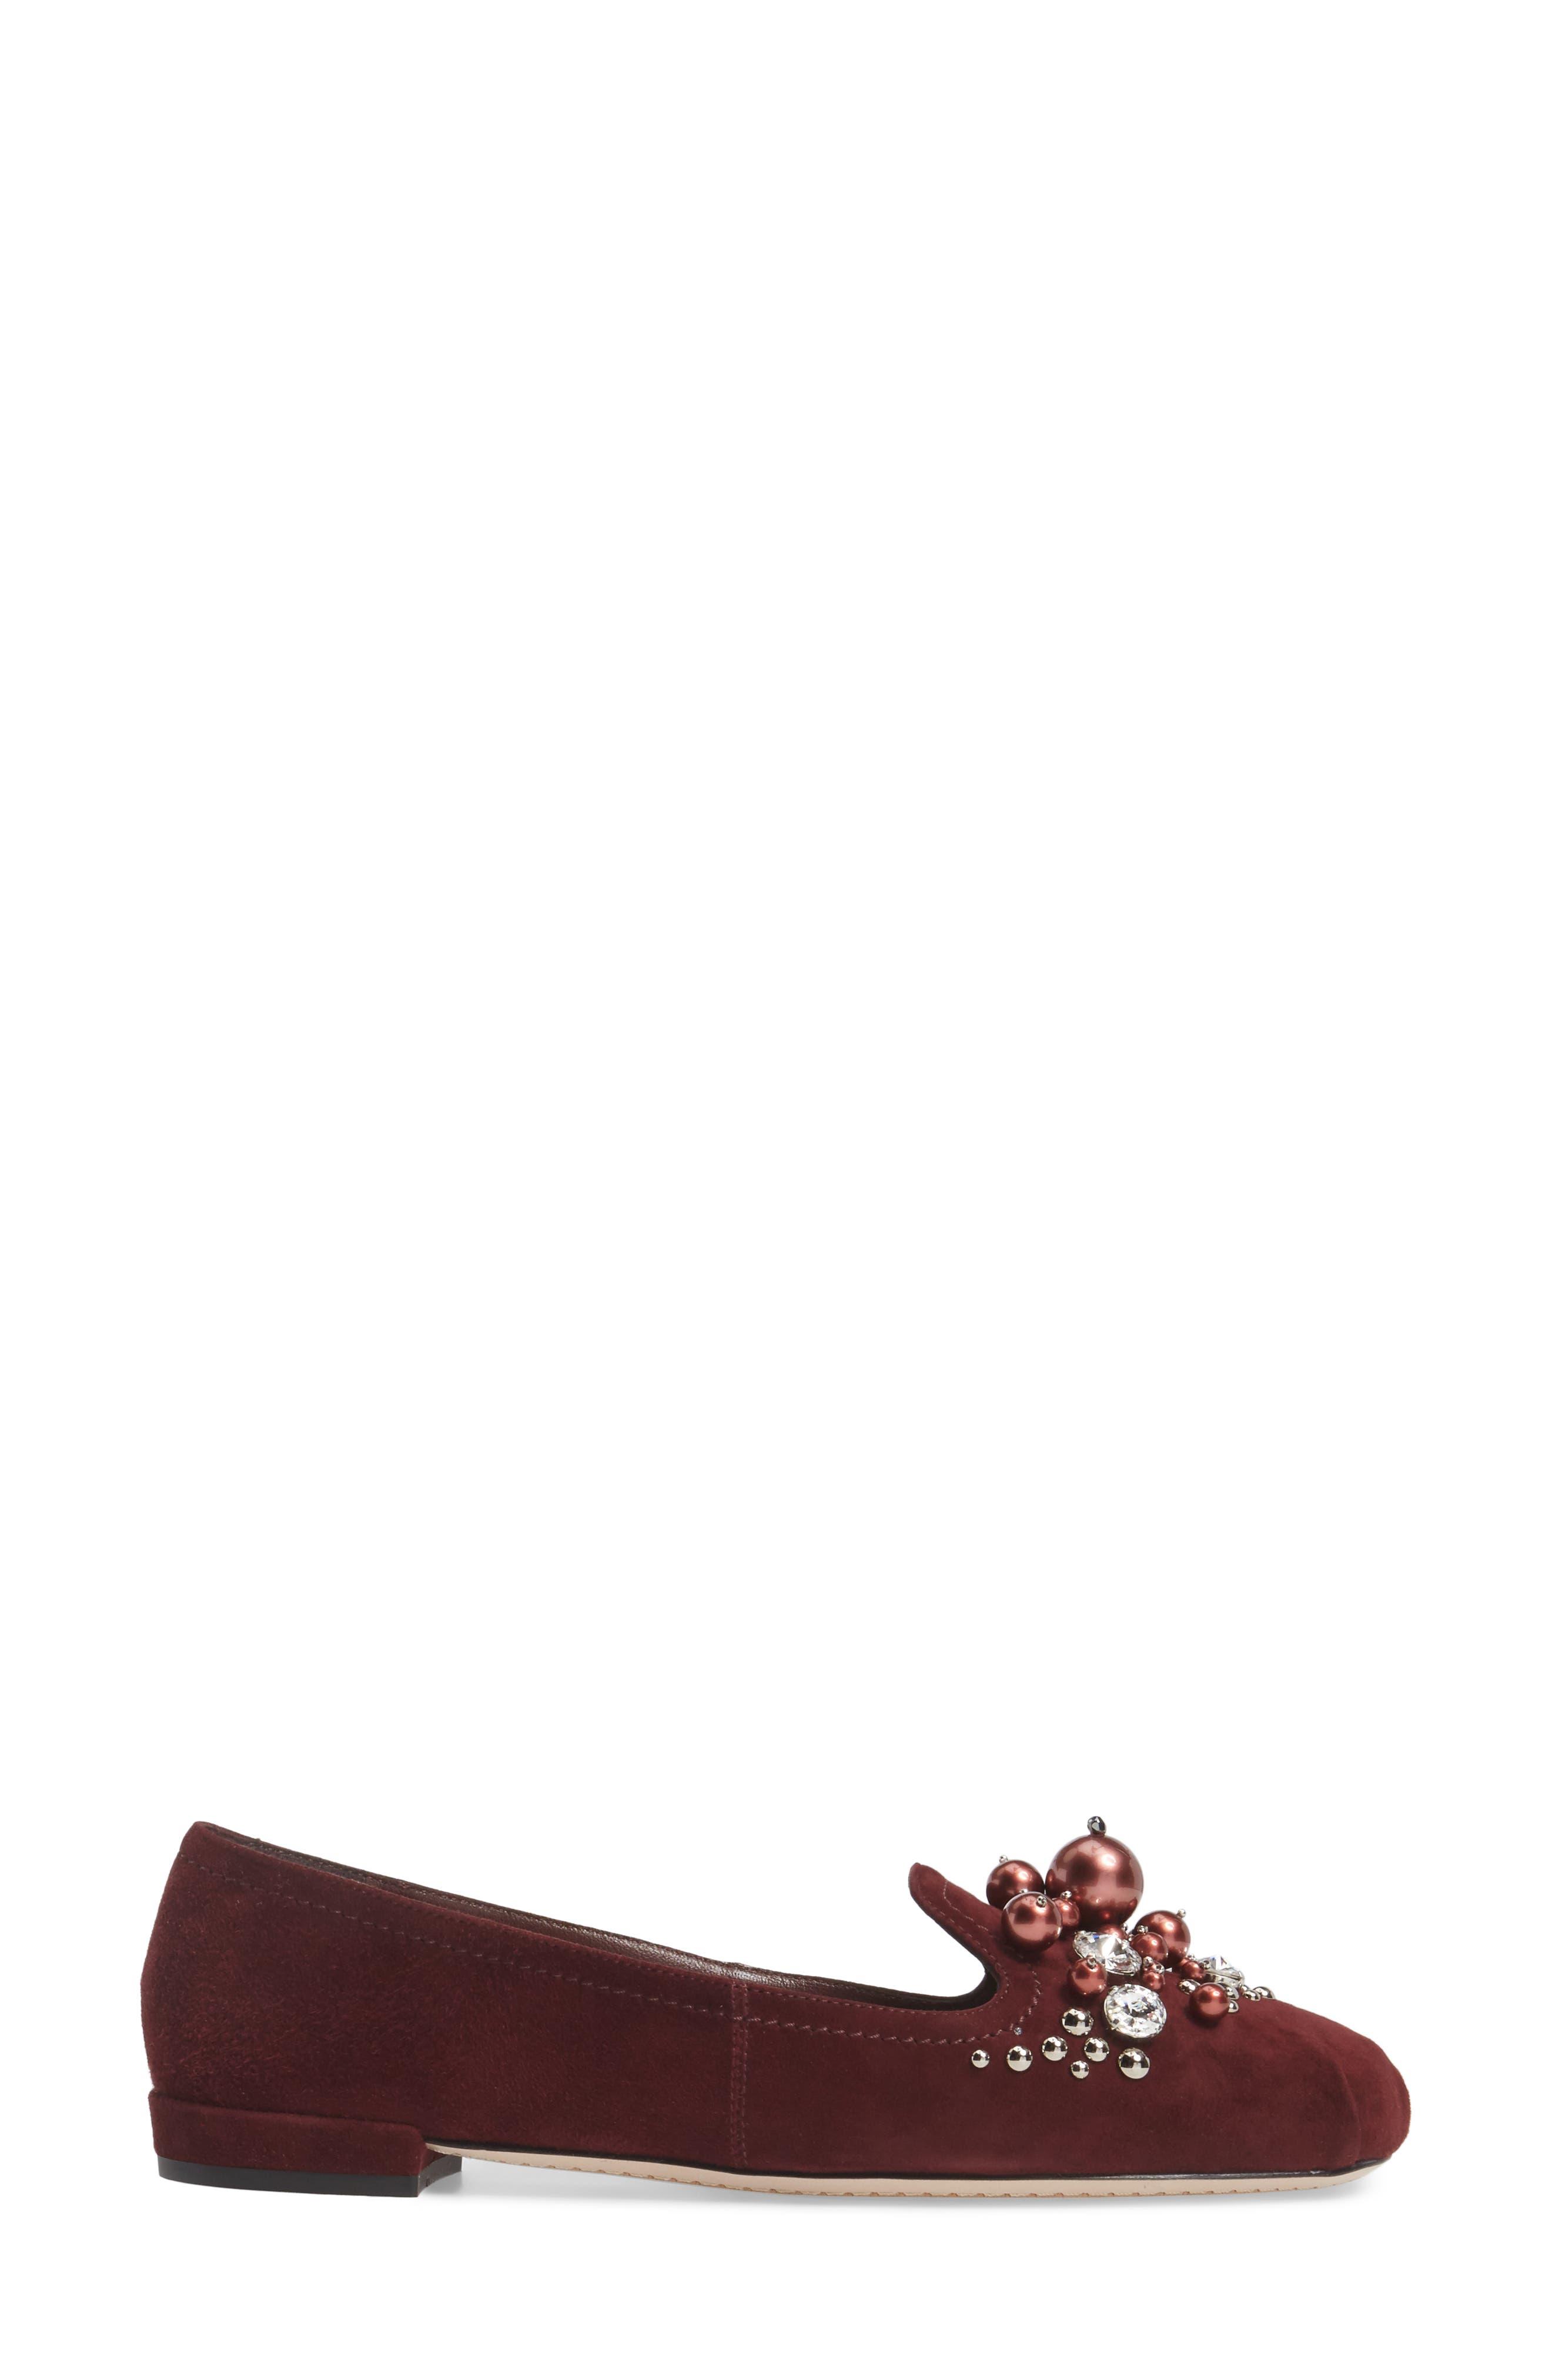 Alternate Image 3  - Miu Miu Embellished Loafer (Women)